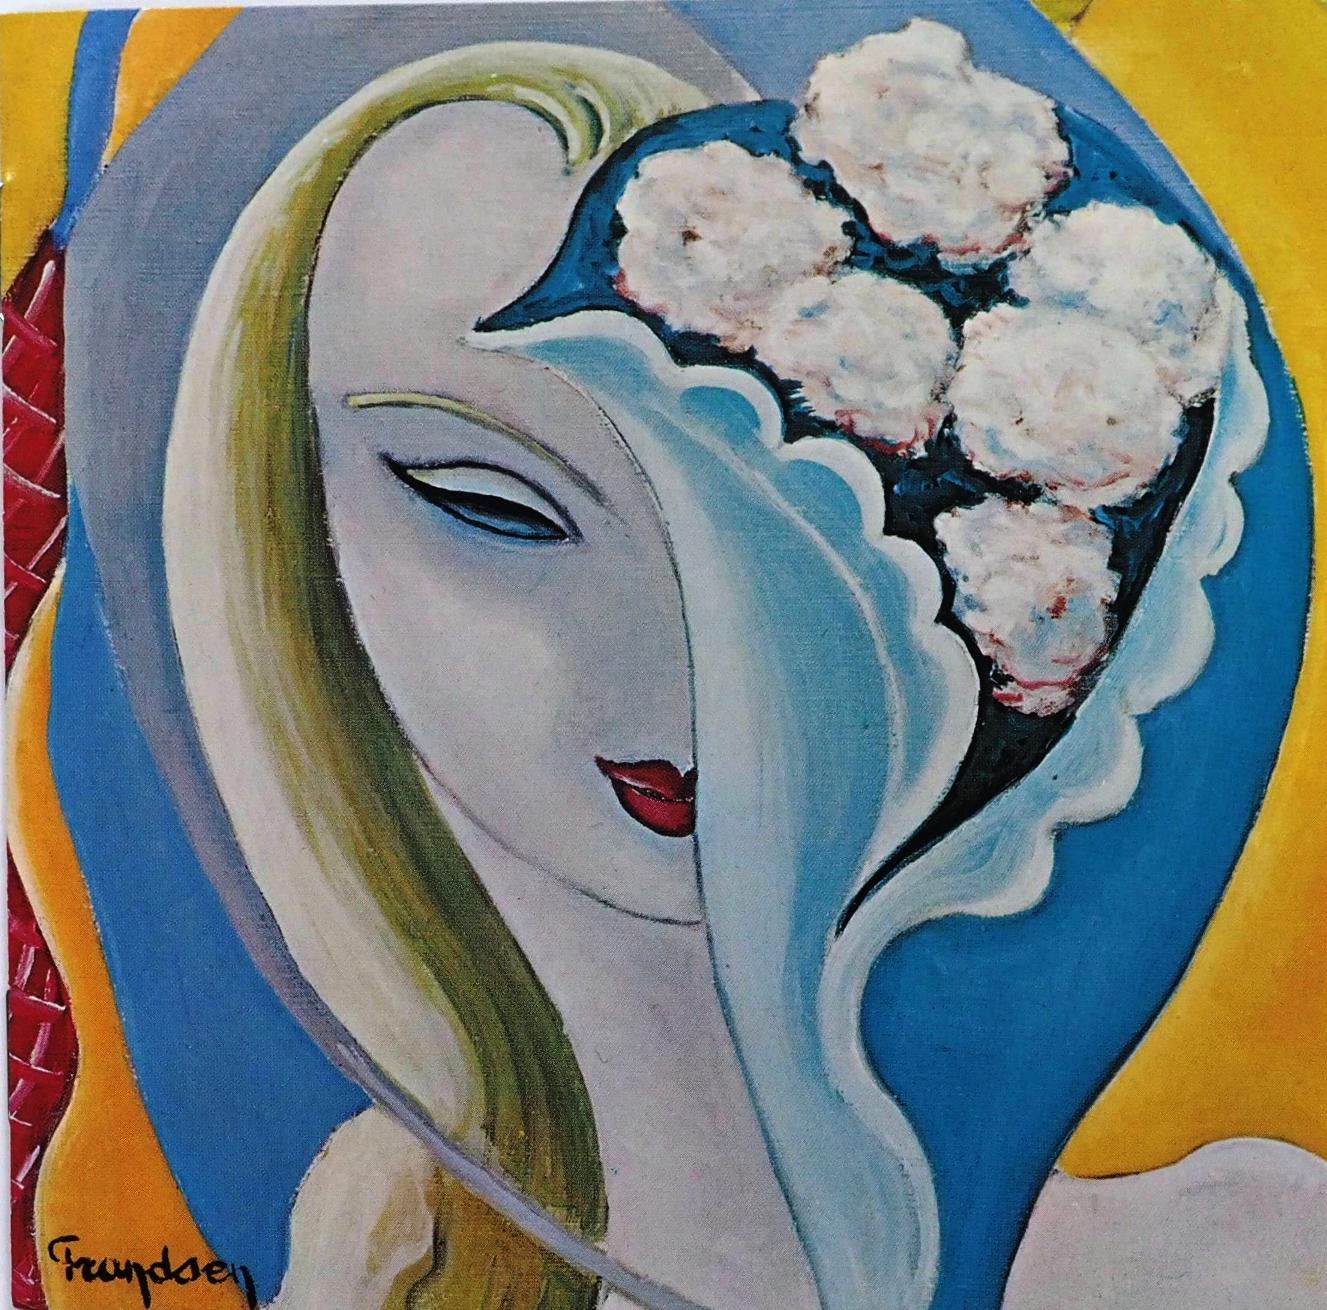 クラプトンがパティにインスパイアされて書いたといわれる「いとしのレイラ」を収めた同名アルバム(デレク・アンド・ドミノス)。